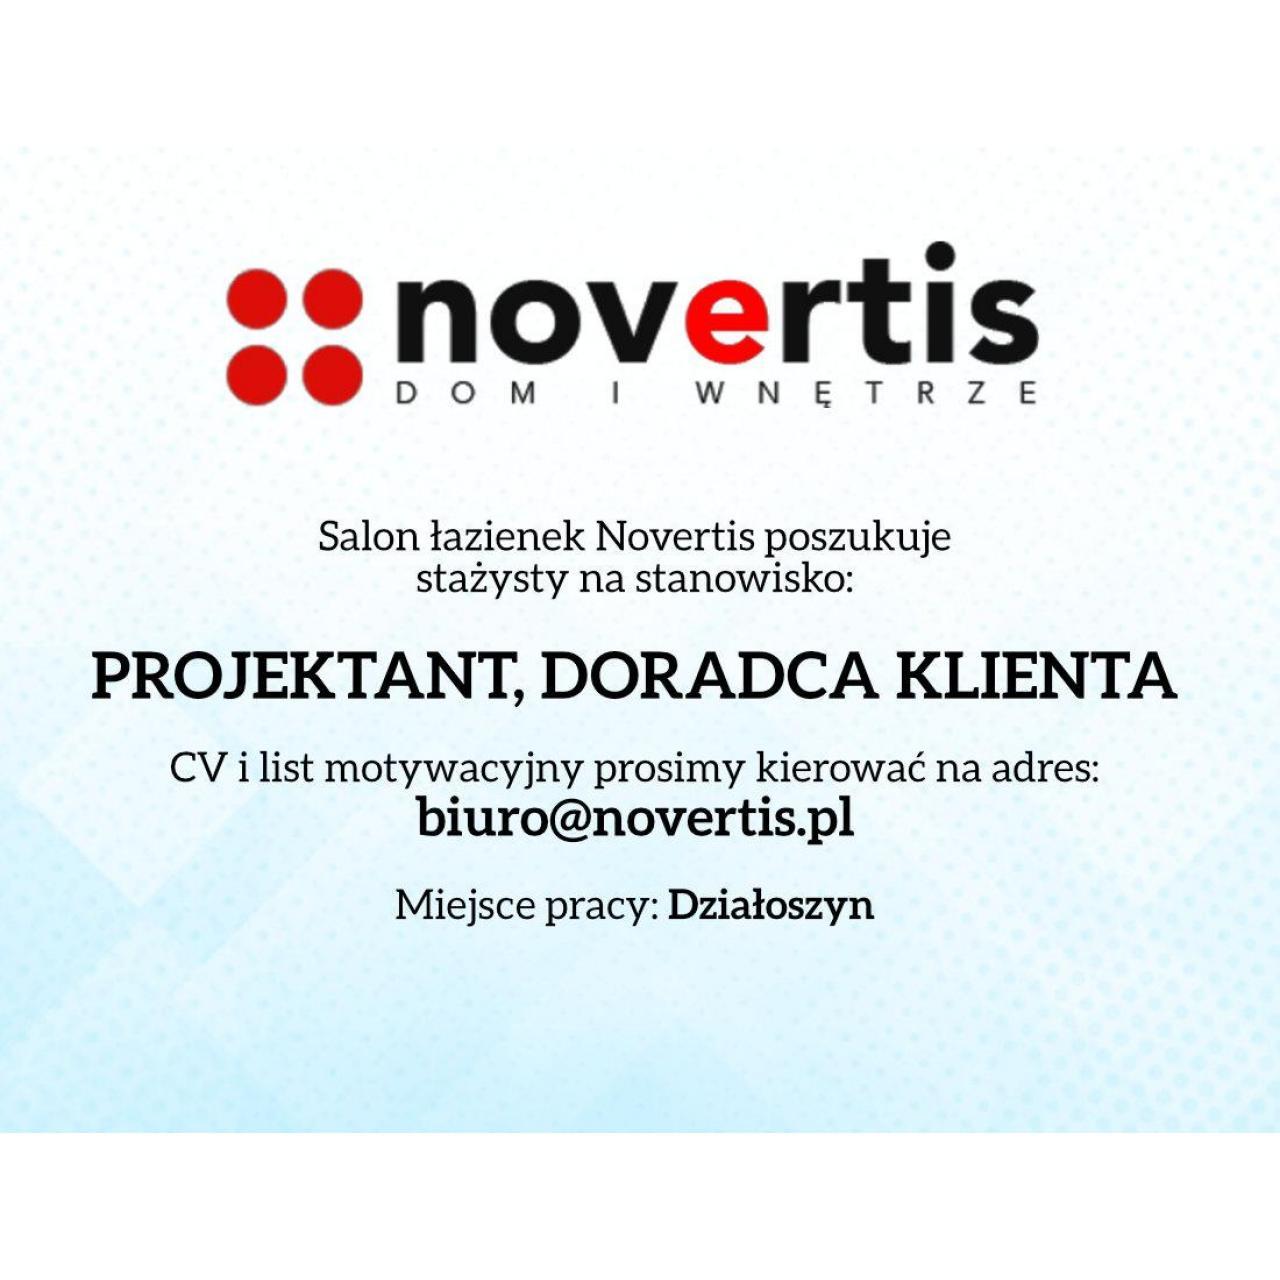 PROJEKTANT, DORADCA KLIENTA - Działoszyn